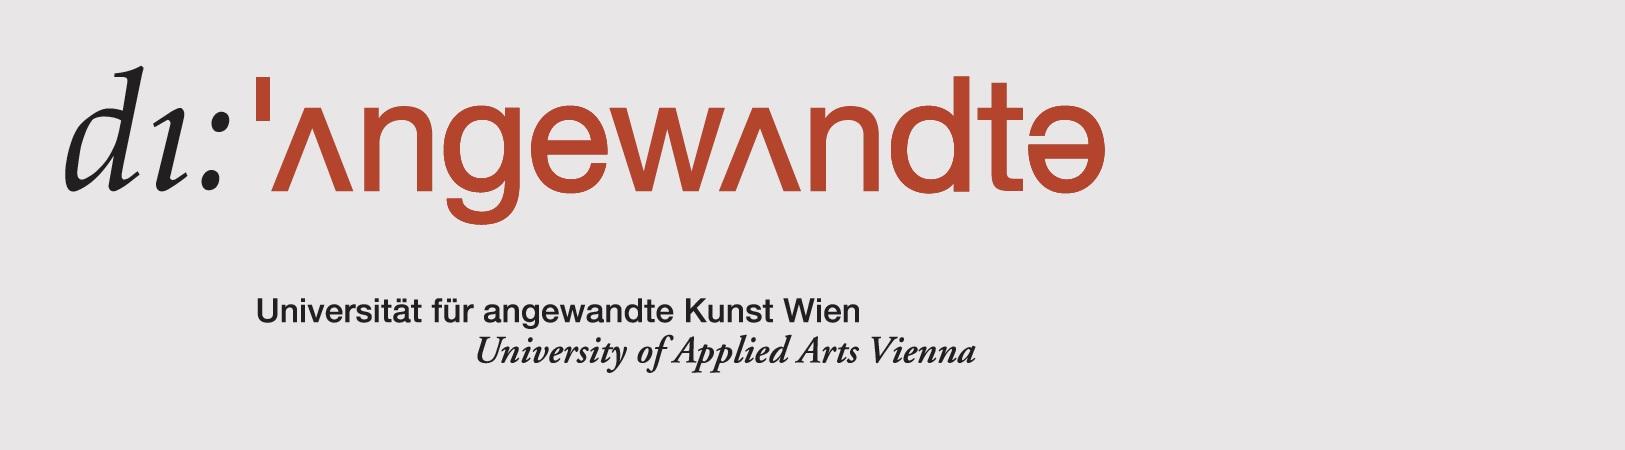 105_Universitaet_fuer_angewandte_Kunst_Wien_Logo